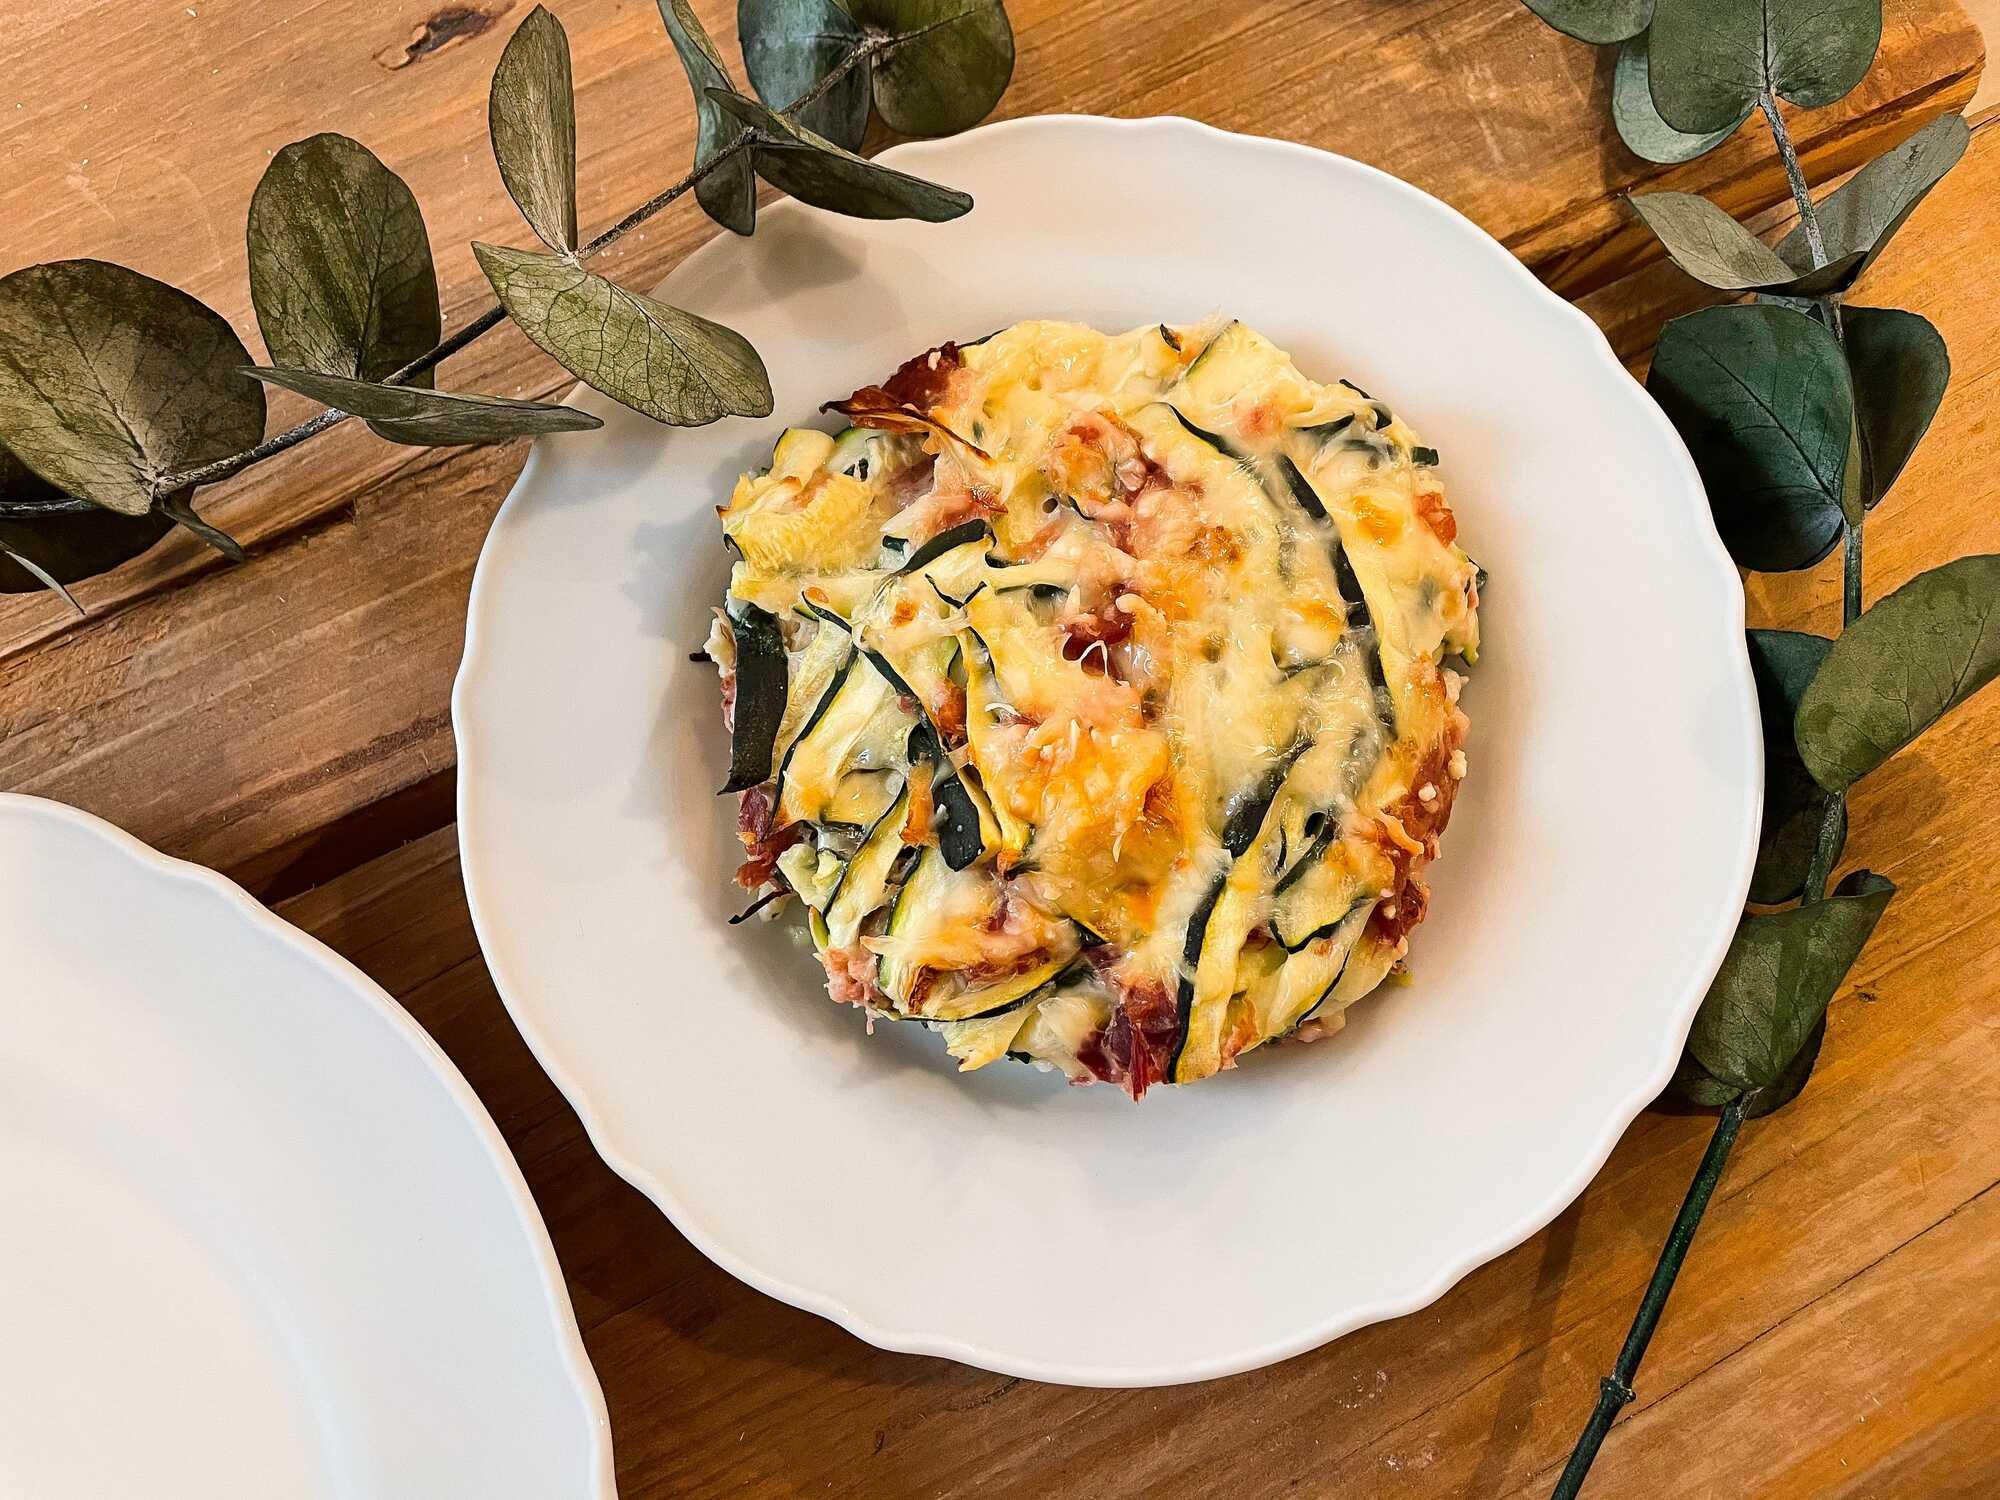 Présenté dans un plat creux blanc, les courgettes, le jambon ainsi que le fromage sont du plus bel effet.